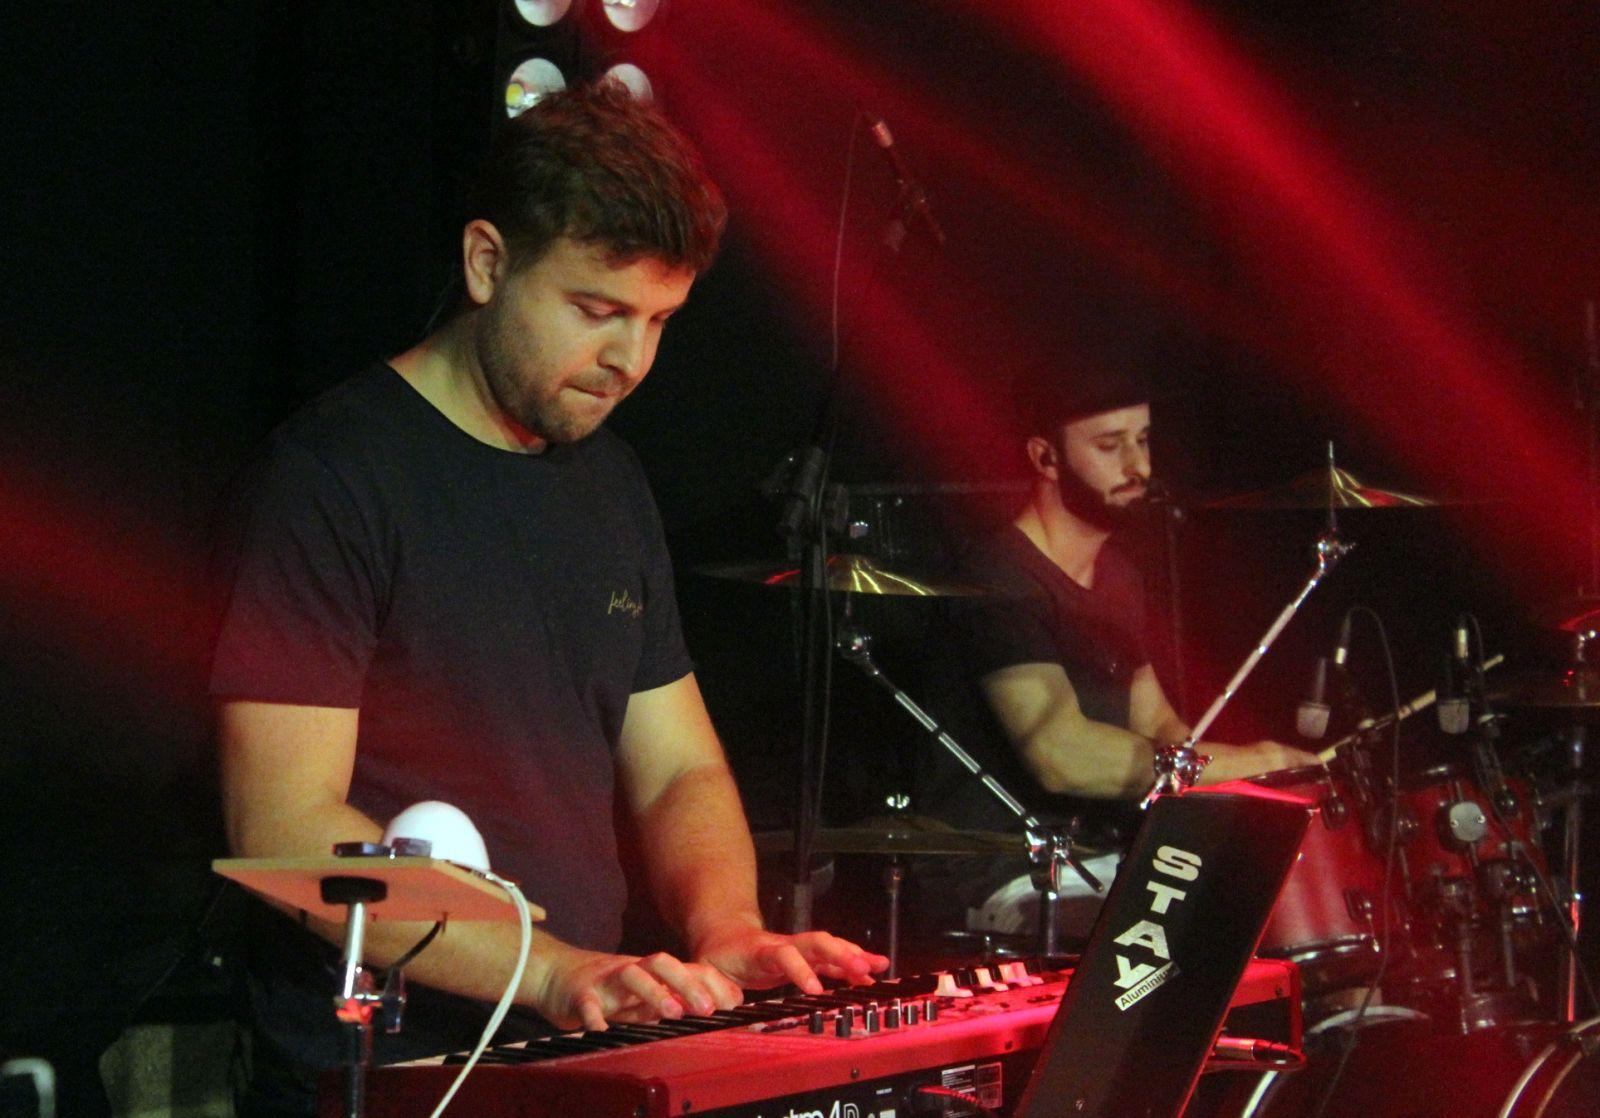 Banda Maurício Onofre. Diego Dajori nos teclados e Jander Zomer na bateria.Foto: Ana Paula Nesi